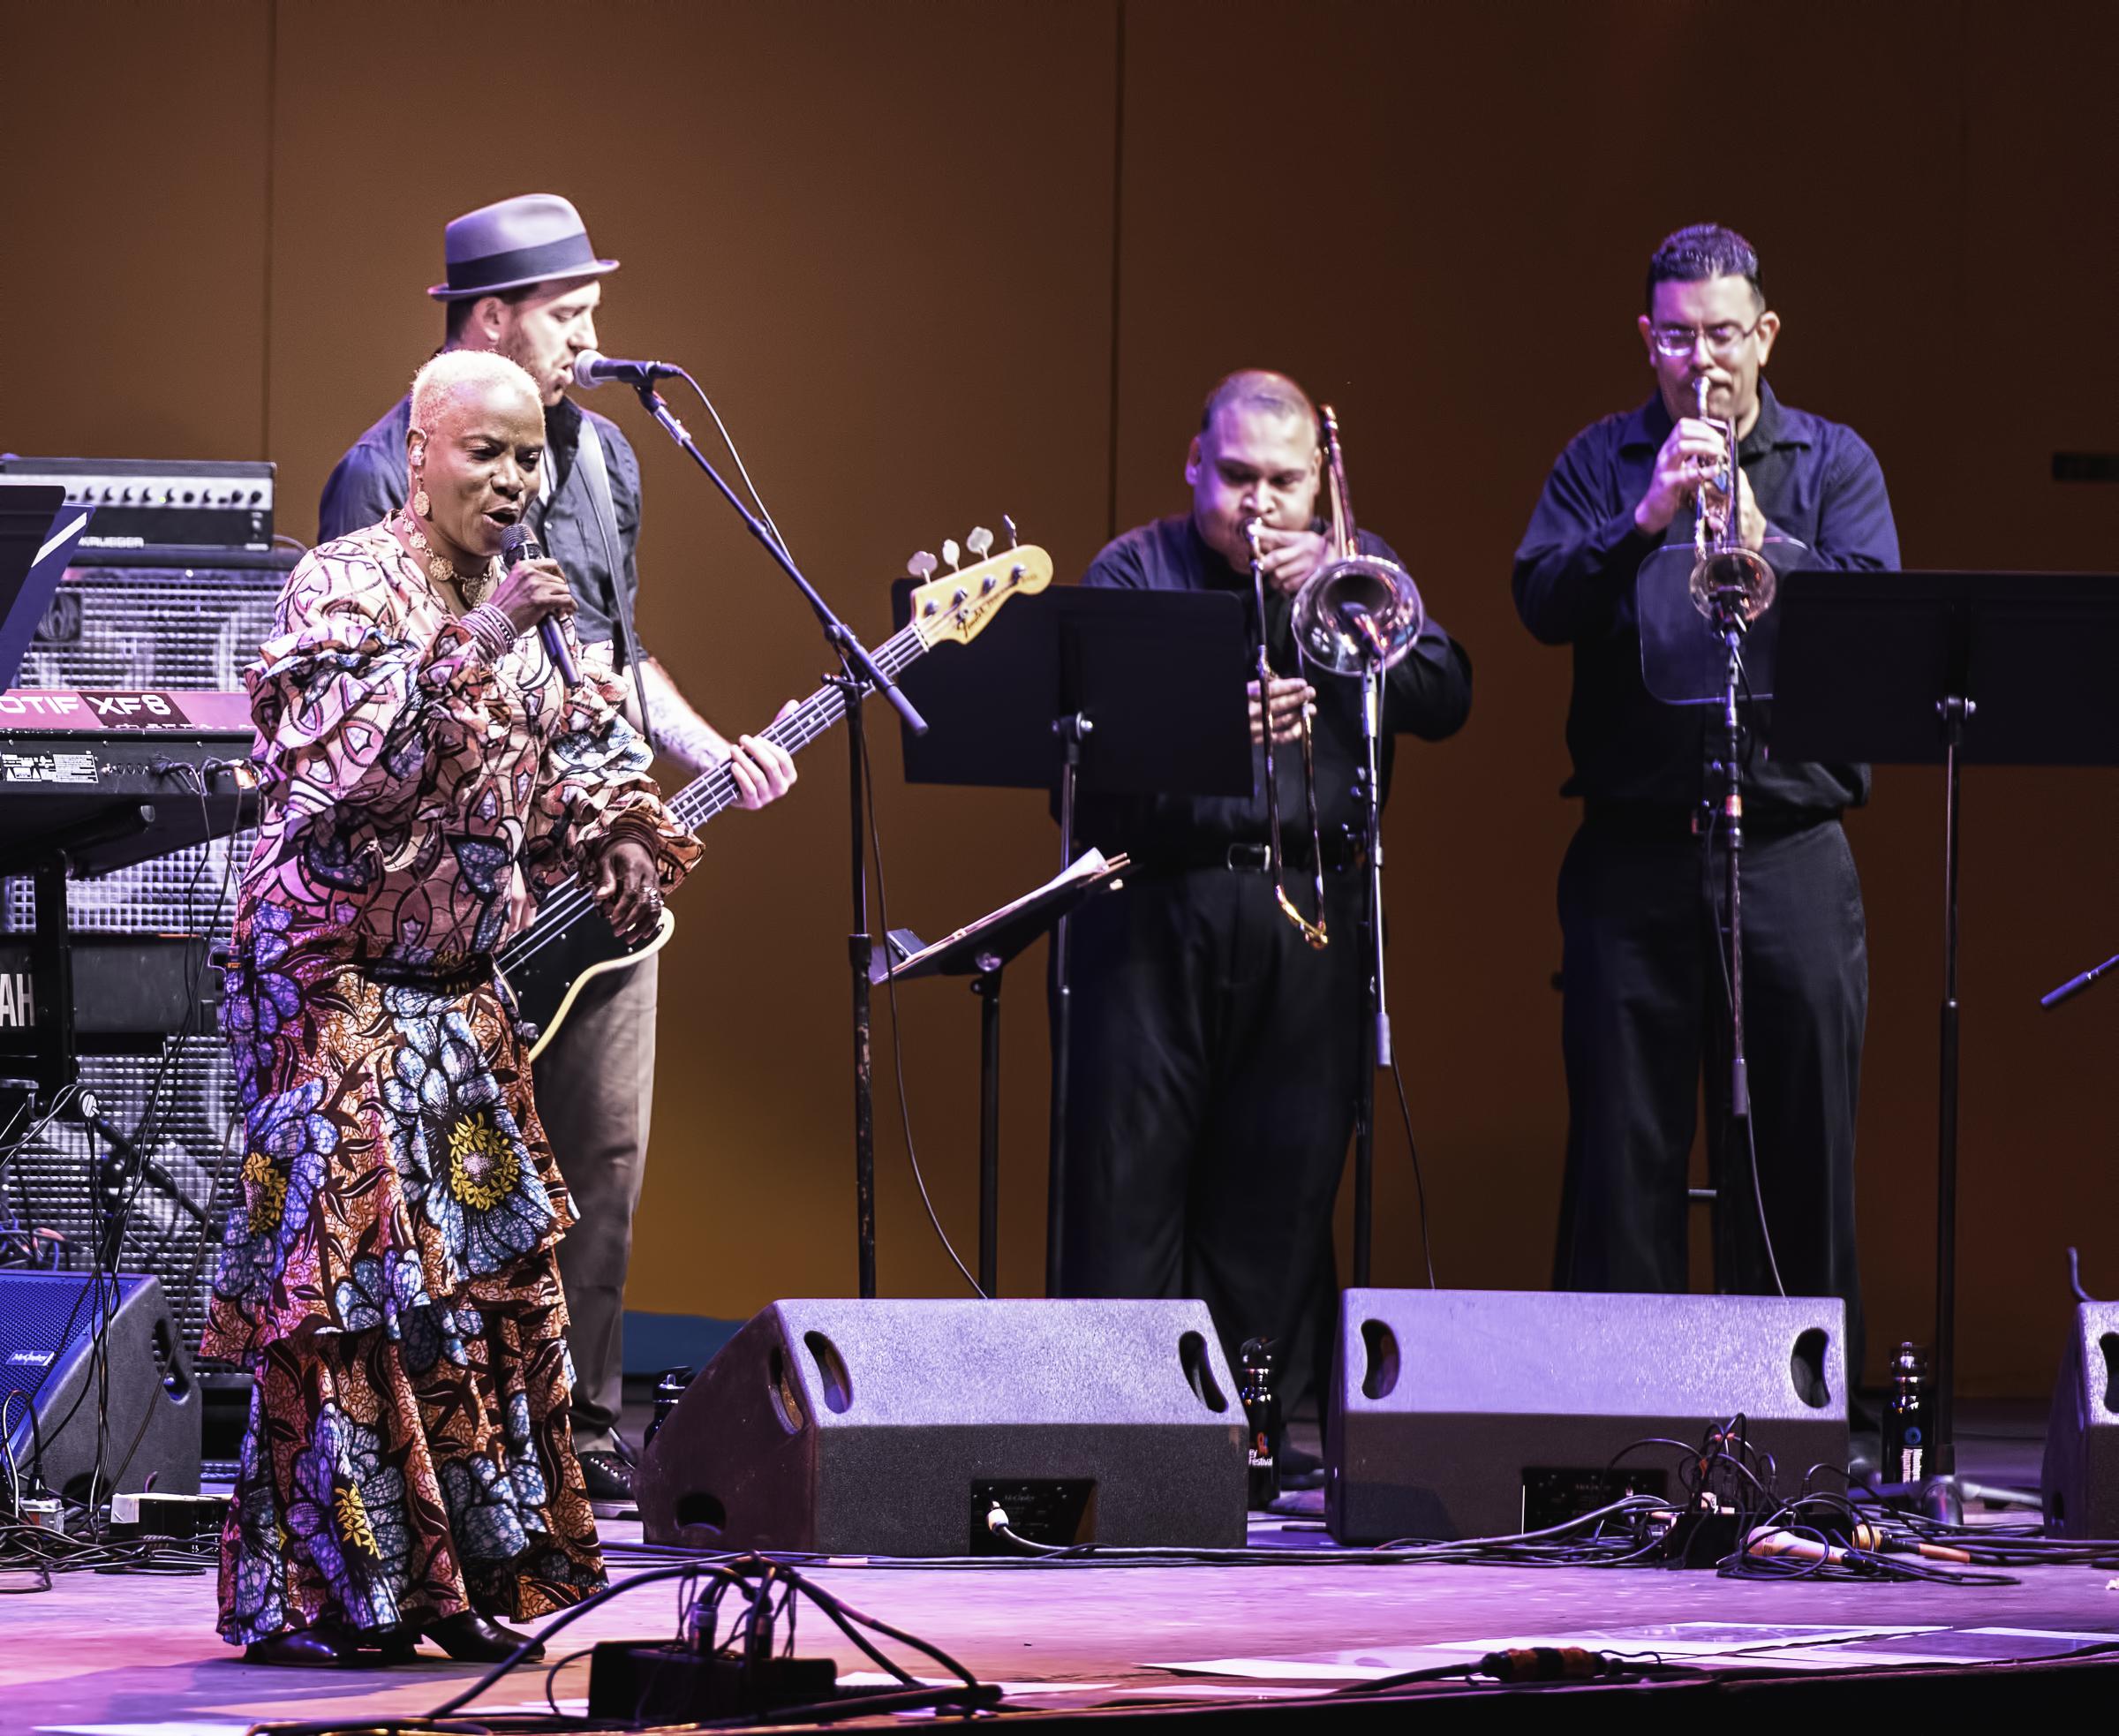 Angelique Kidjo, Ben Zwerin, Humberto Ruiz and Brian Beukelman with Angelique Kidjo's Tribute to Salsa at the Monterey Jazz Festival